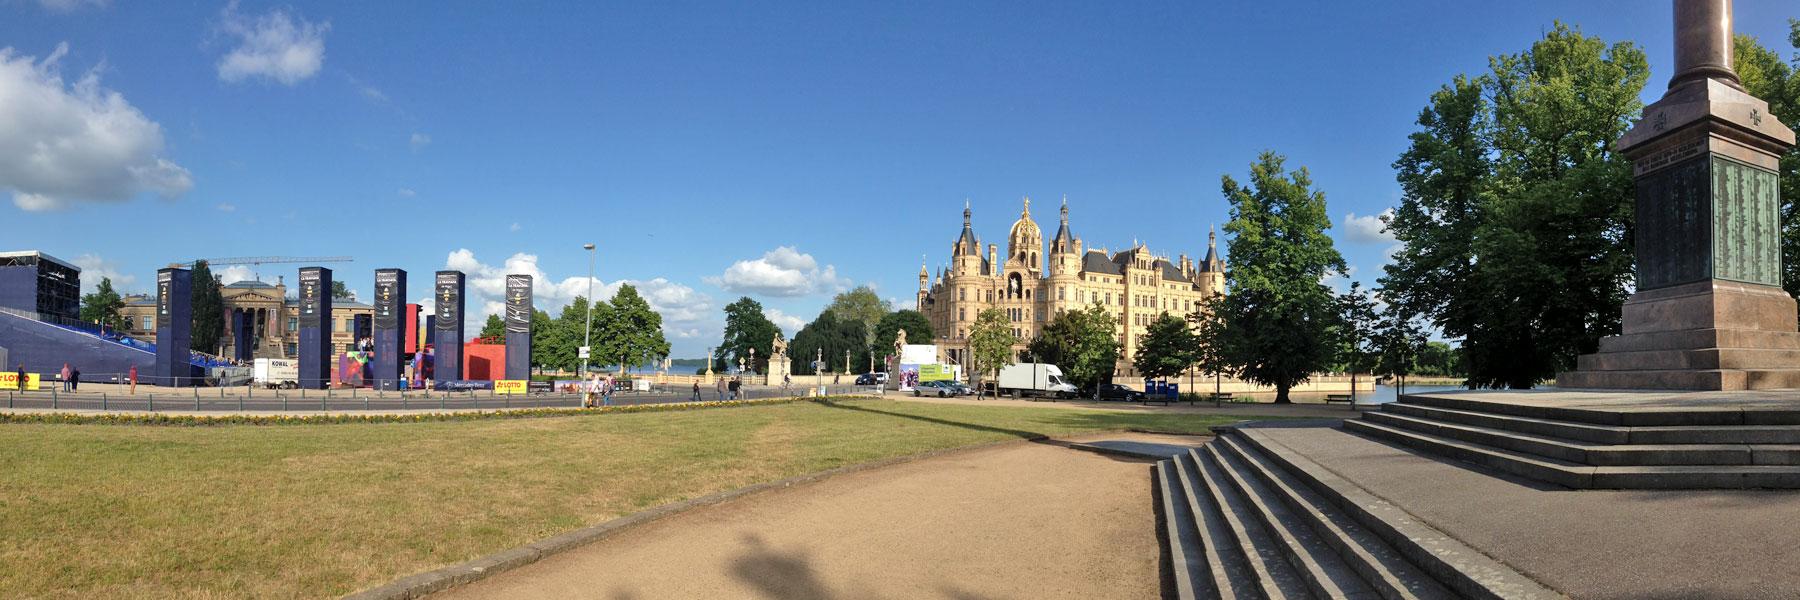 Schloss Theater Museumplatz - Schwerin